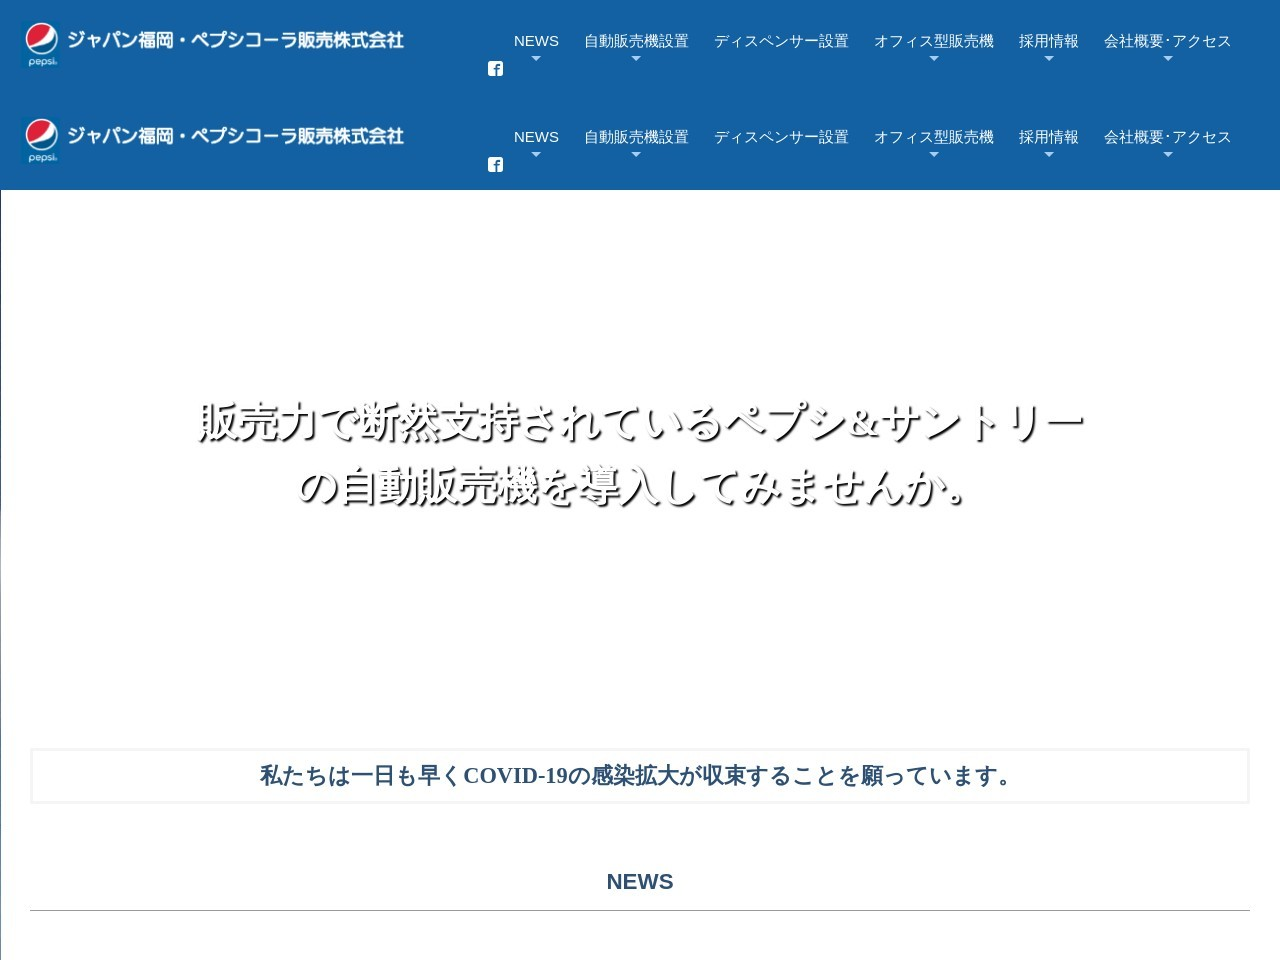 ジャパン福岡・ペプシコーラ販売株式会社